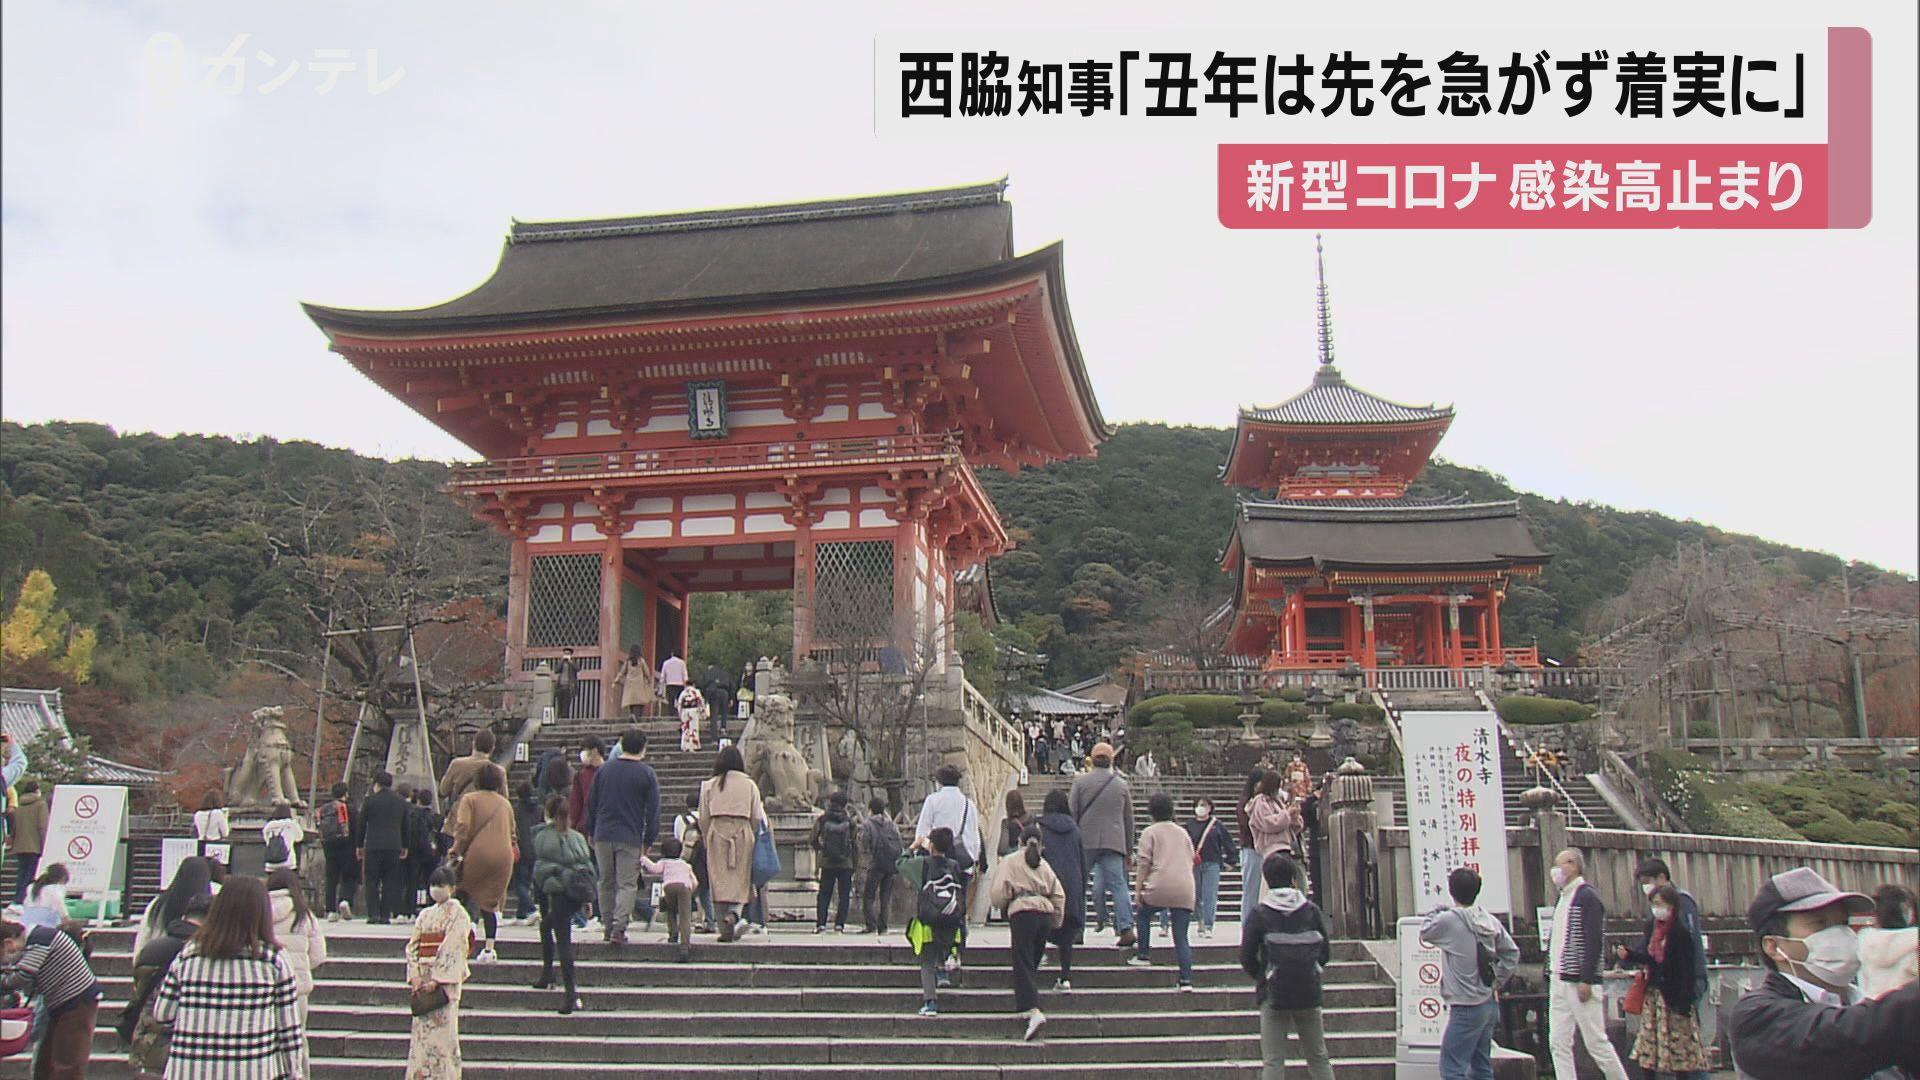 京都府は感染者数が『高止まり』… 年末年始は100人超